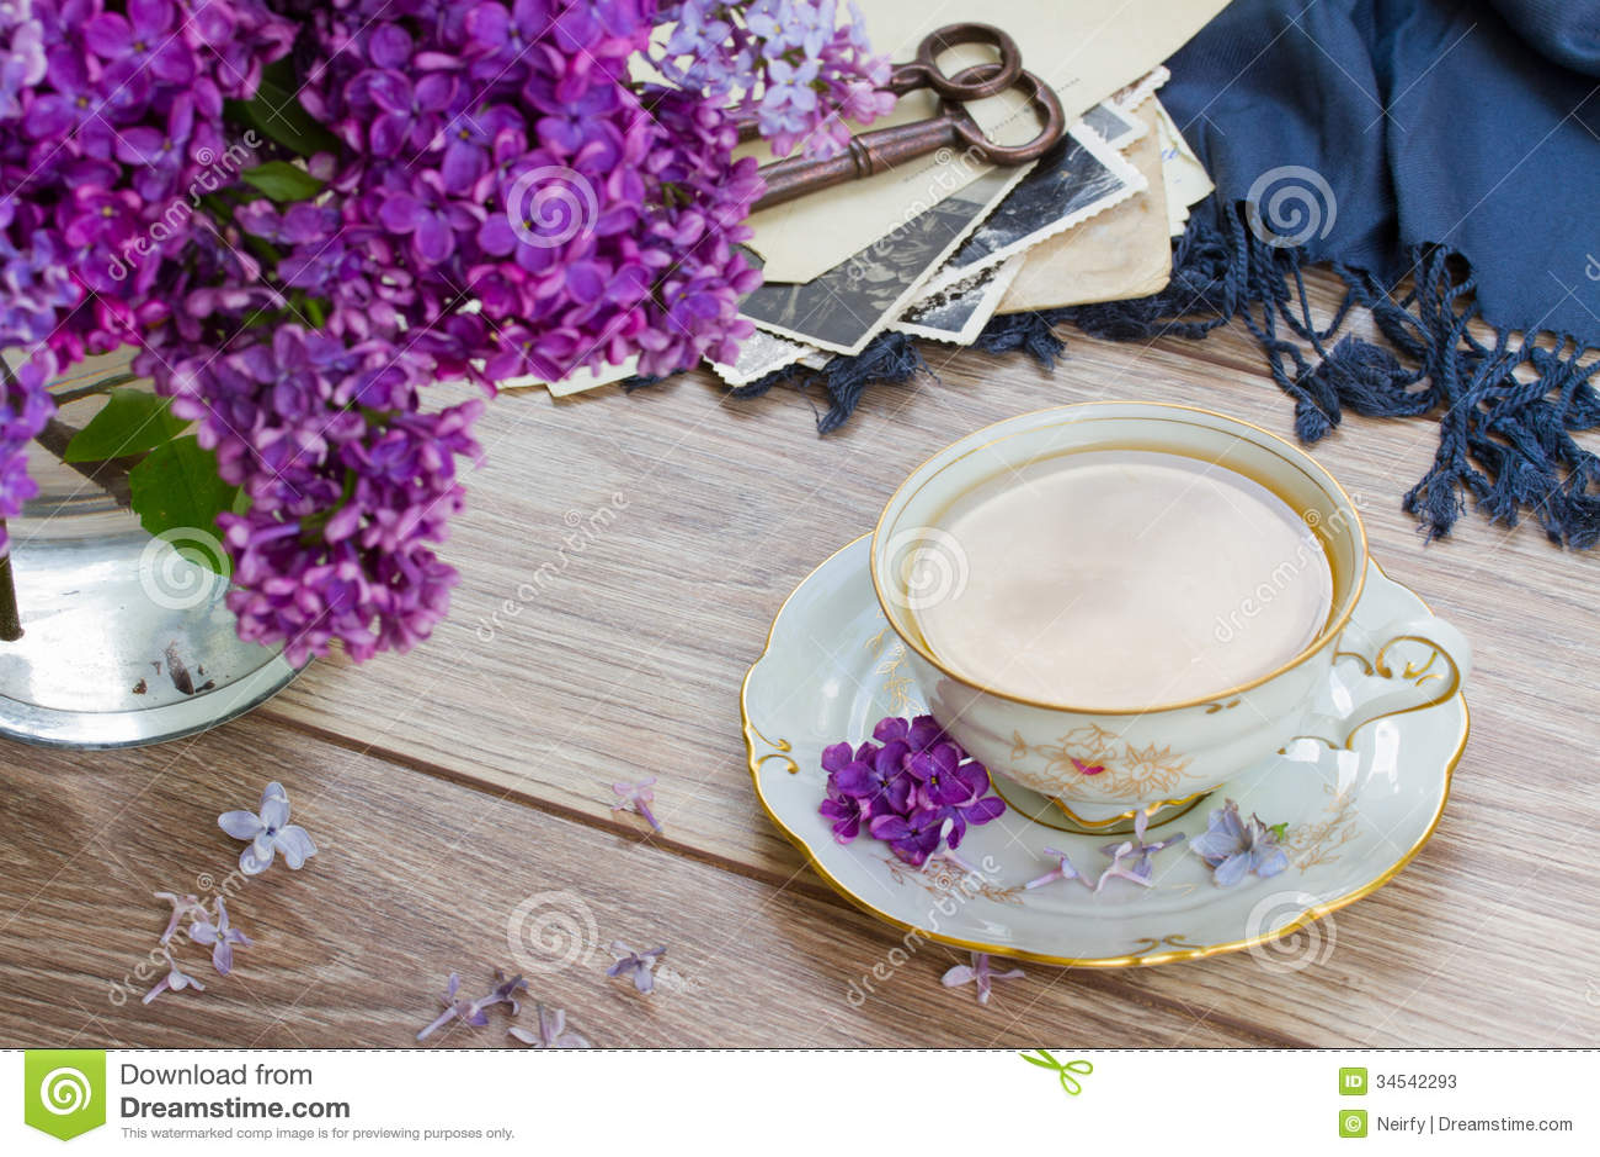 summer tea time stock image image of antique breakfast 34542293. Black Bedroom Furniture Sets. Home Design Ideas